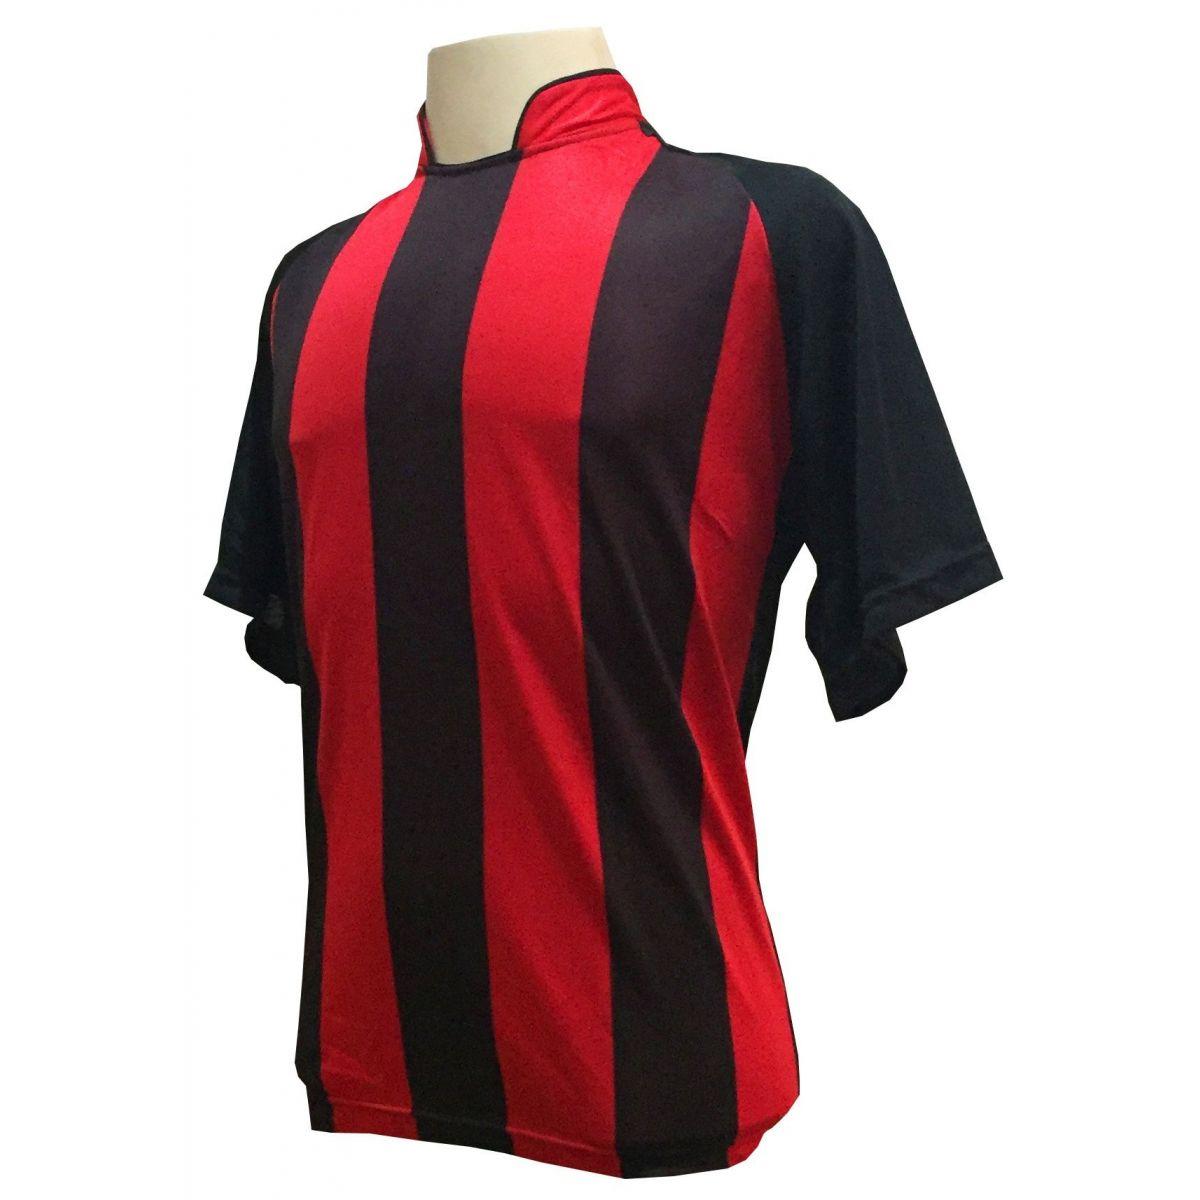 Uniforme Esportivo com 12 camisas modelo Milan Preto/Vermelho + 12 calções modelo Madrid + 1 Goleiro + Brindes